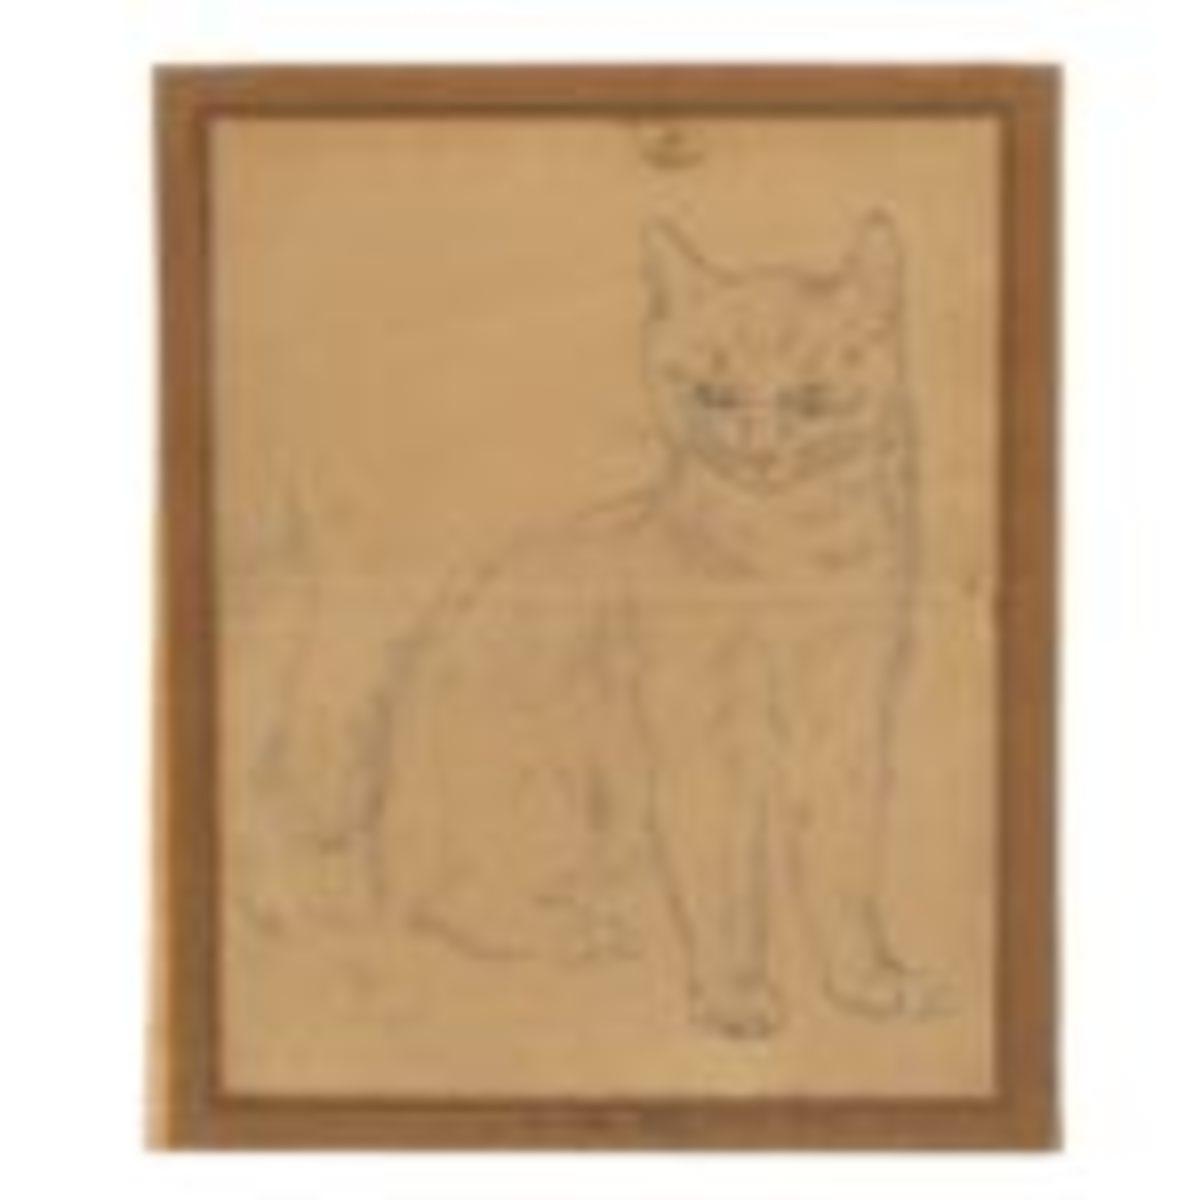 Léonard Tsuguharu Foujita (Japanese-French, 1886-1968), Staring cat